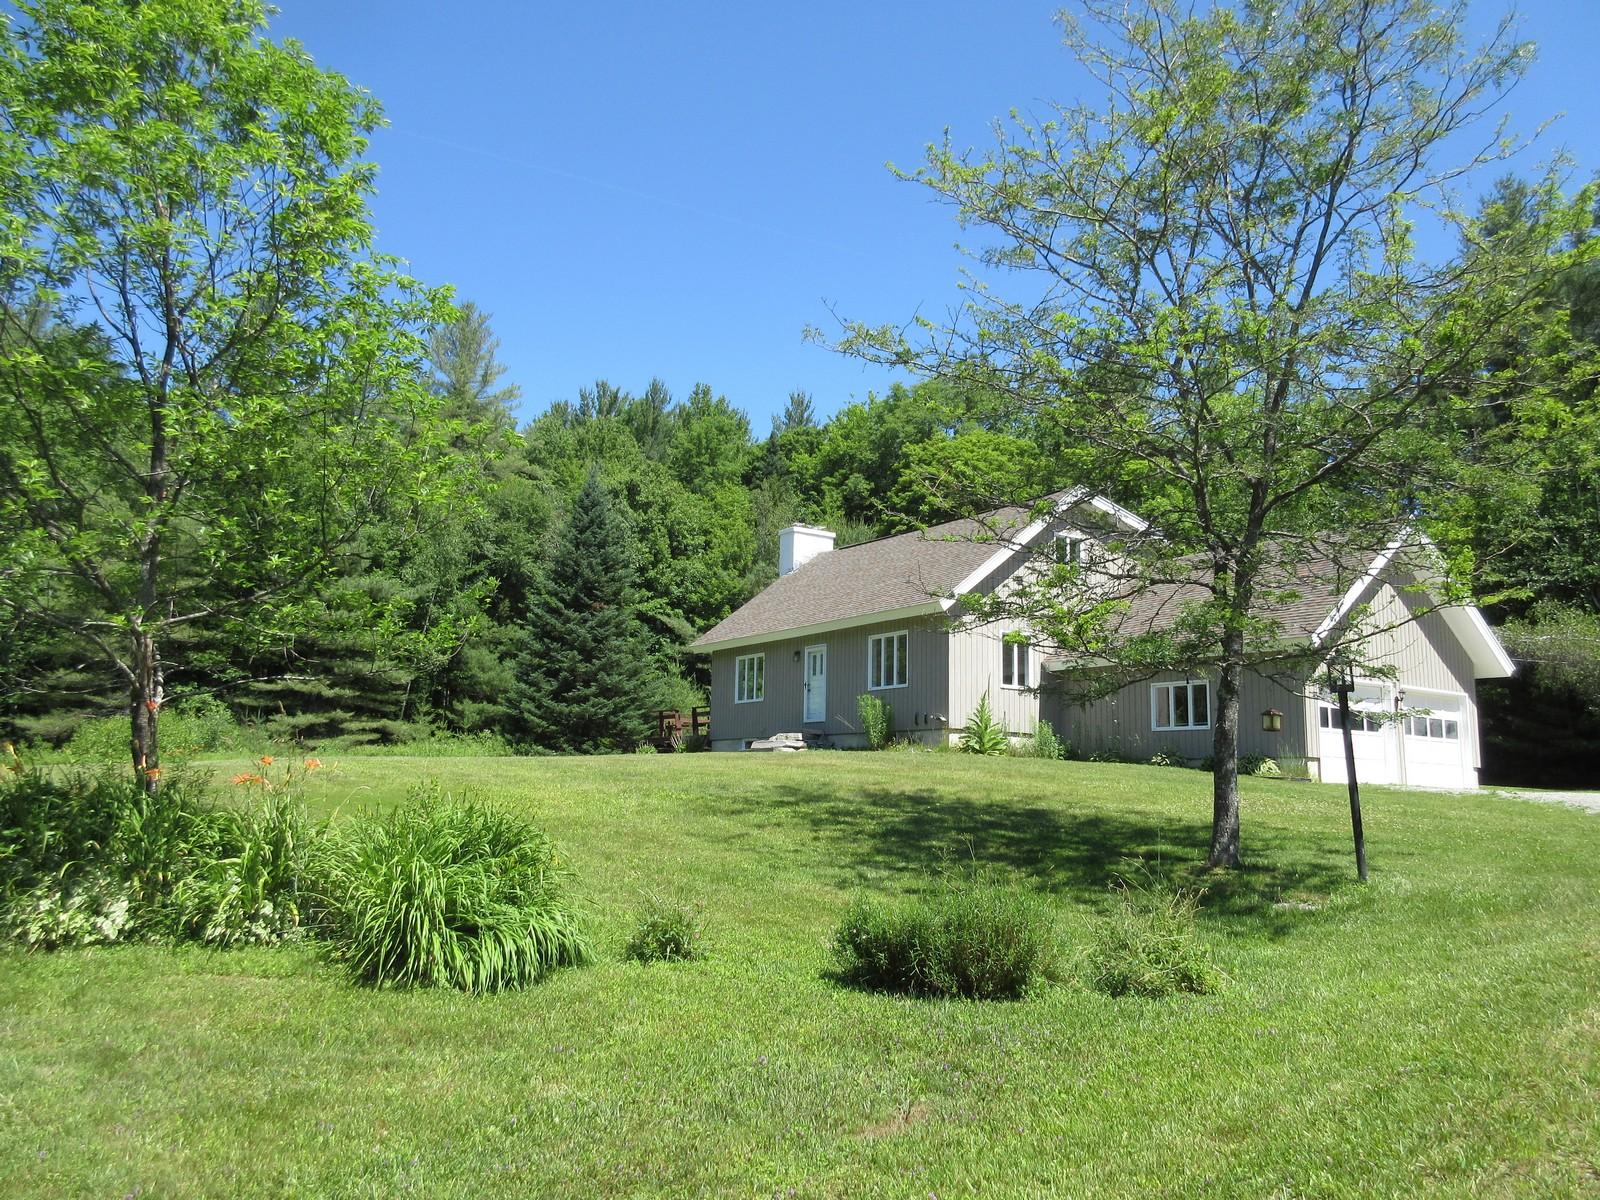 独户住宅 为 销售 在 1561 Vermont Route 11, Londonderry 伦敦德里郡, 佛蒙特州, 05148 美国